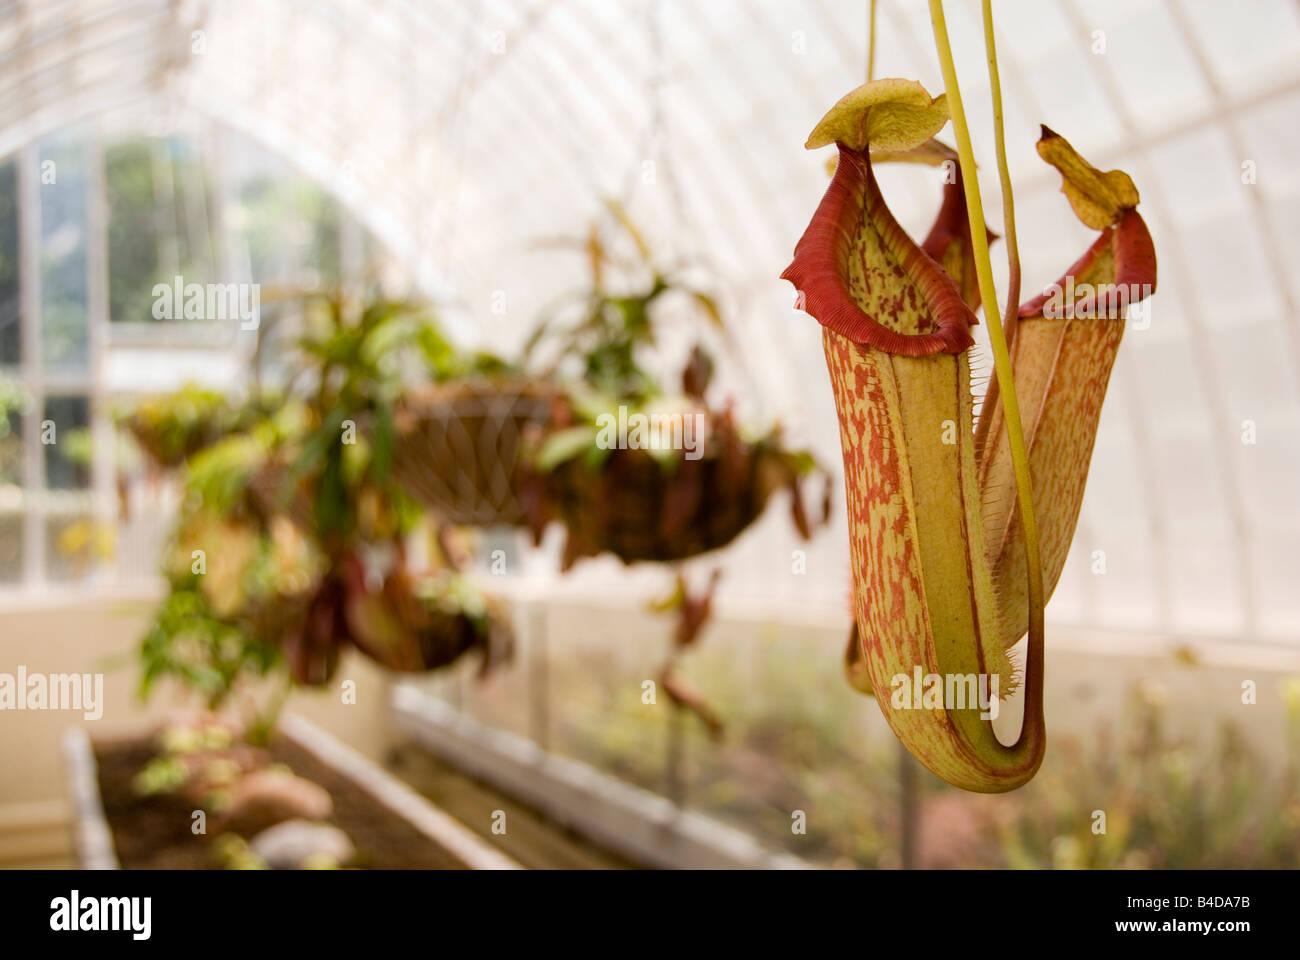 Cerca de Nepenthes Pitcher planta crece en un invernadero del siglo XVIII en el Jardín Botánico de Valencia Imagen De Stock